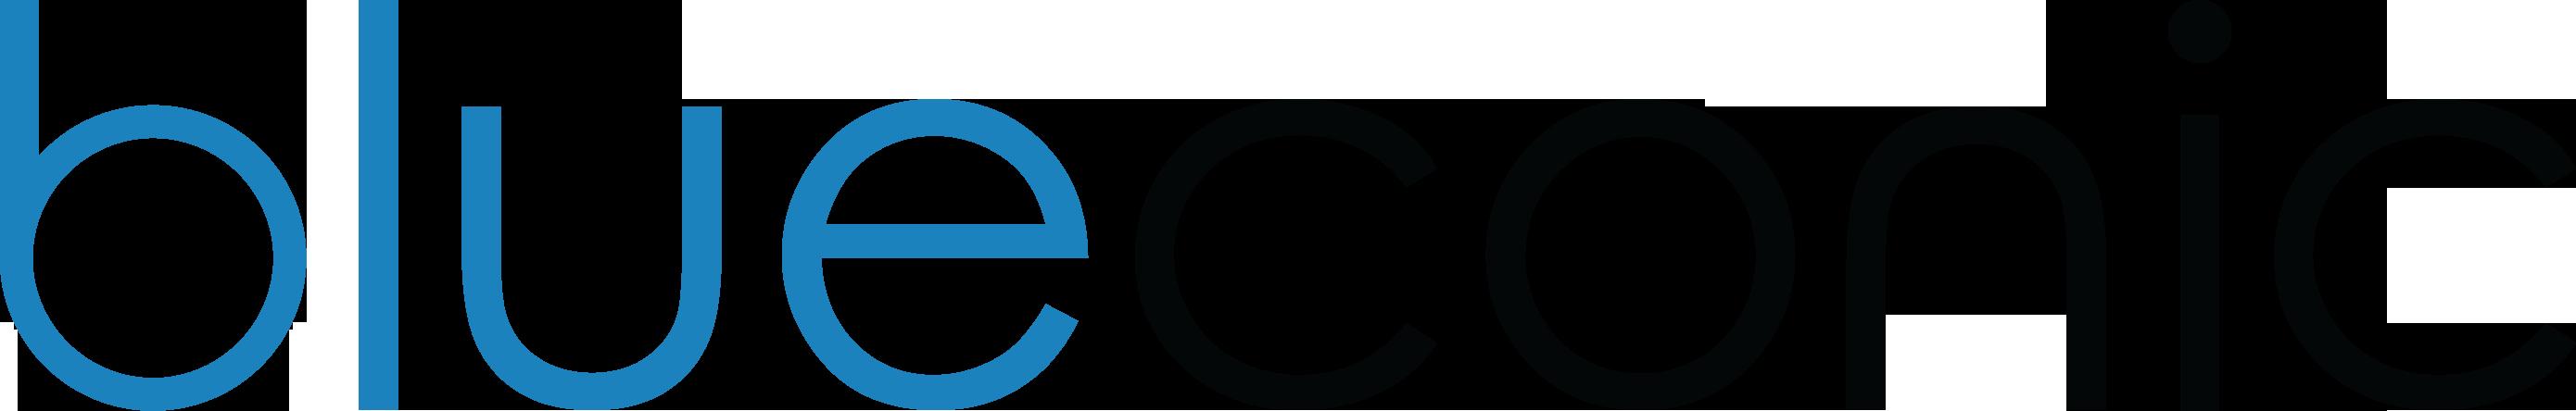 BlueConic_logo